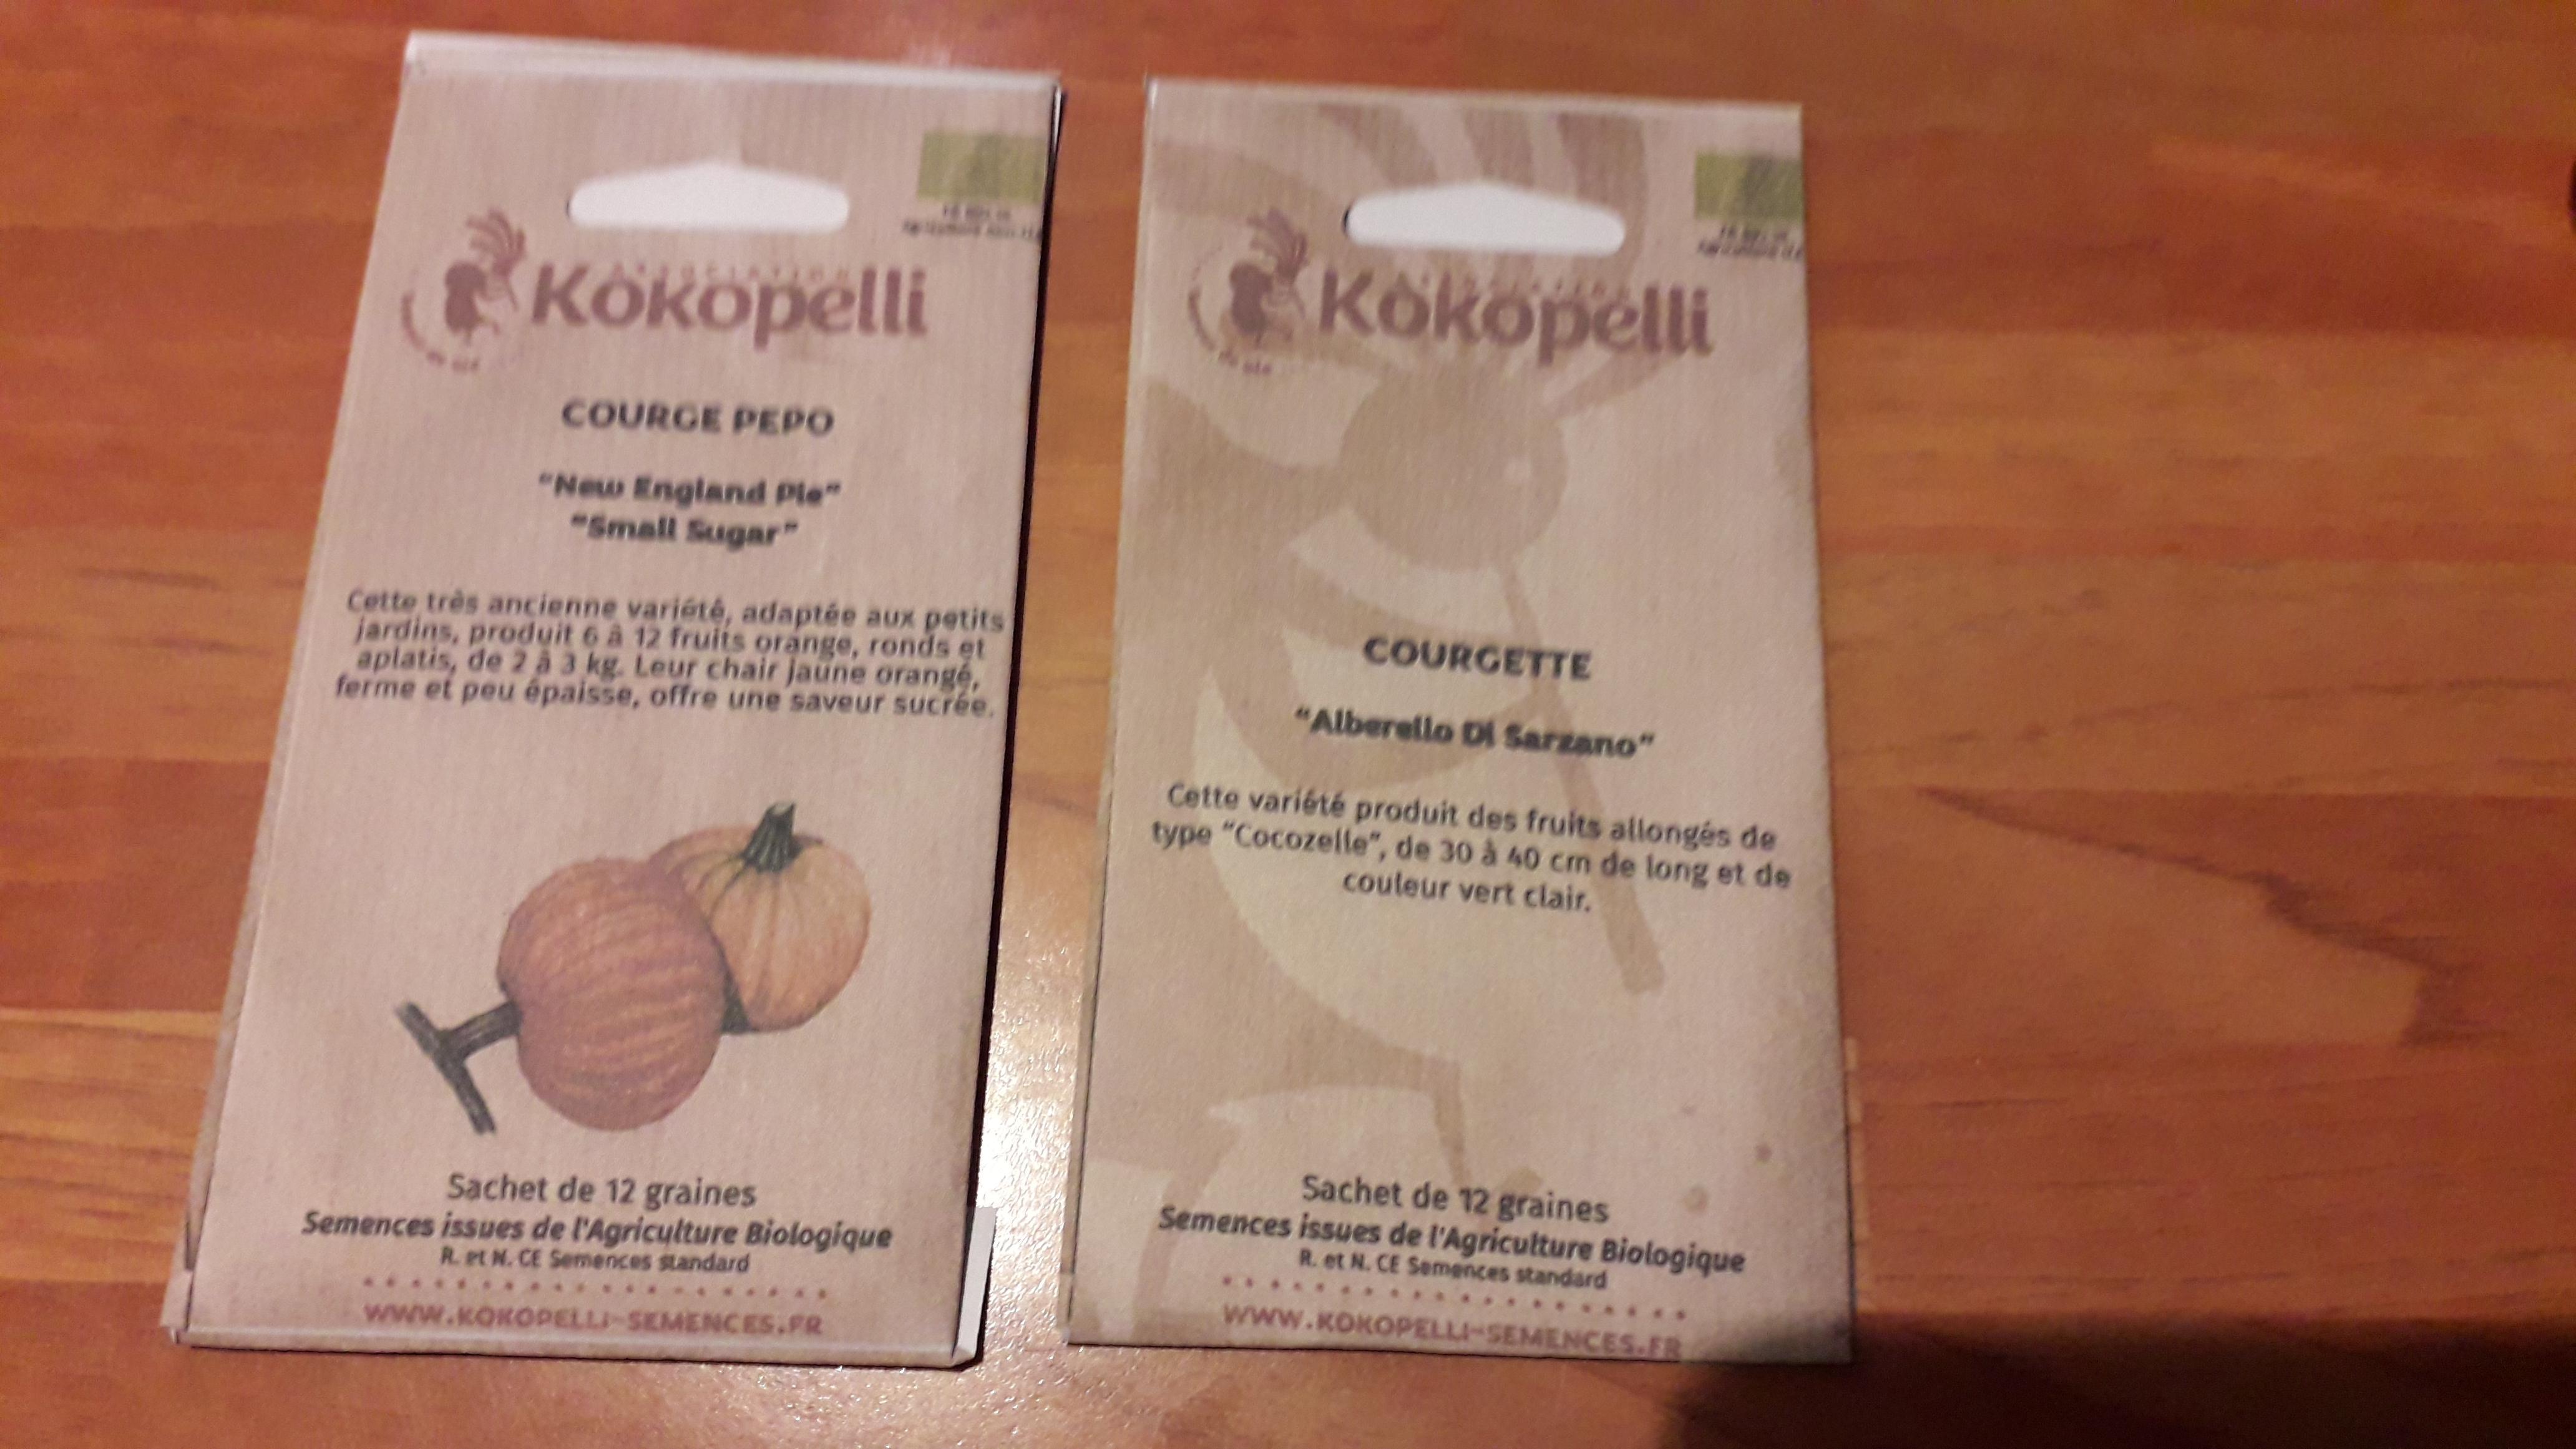 troc de troc graines courgettes et courge new england kokopelli -réservé image 0